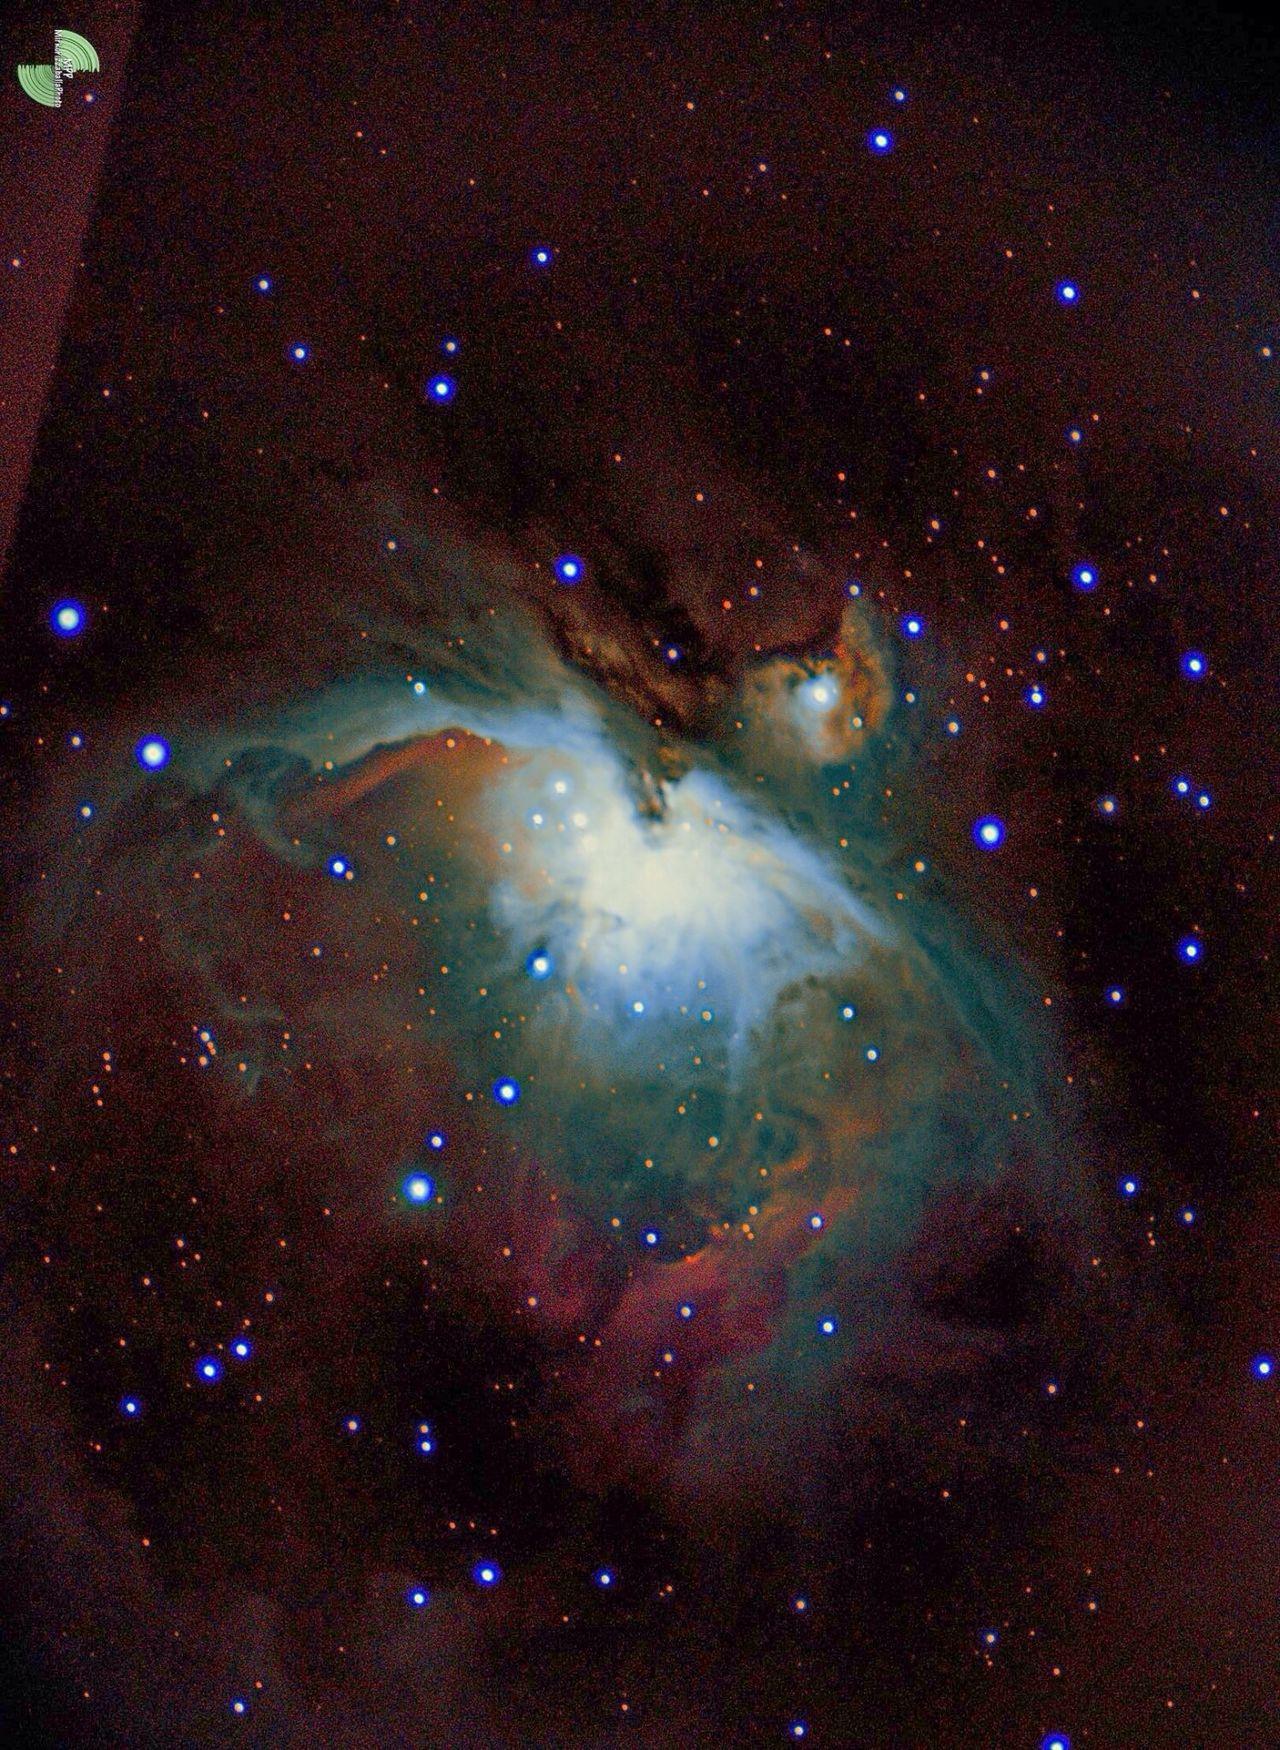 Nebulosa di orione Orione Nikonphotography Nikon D3200 Nikon Astronomy Astrophotography Astronomia Telescopes